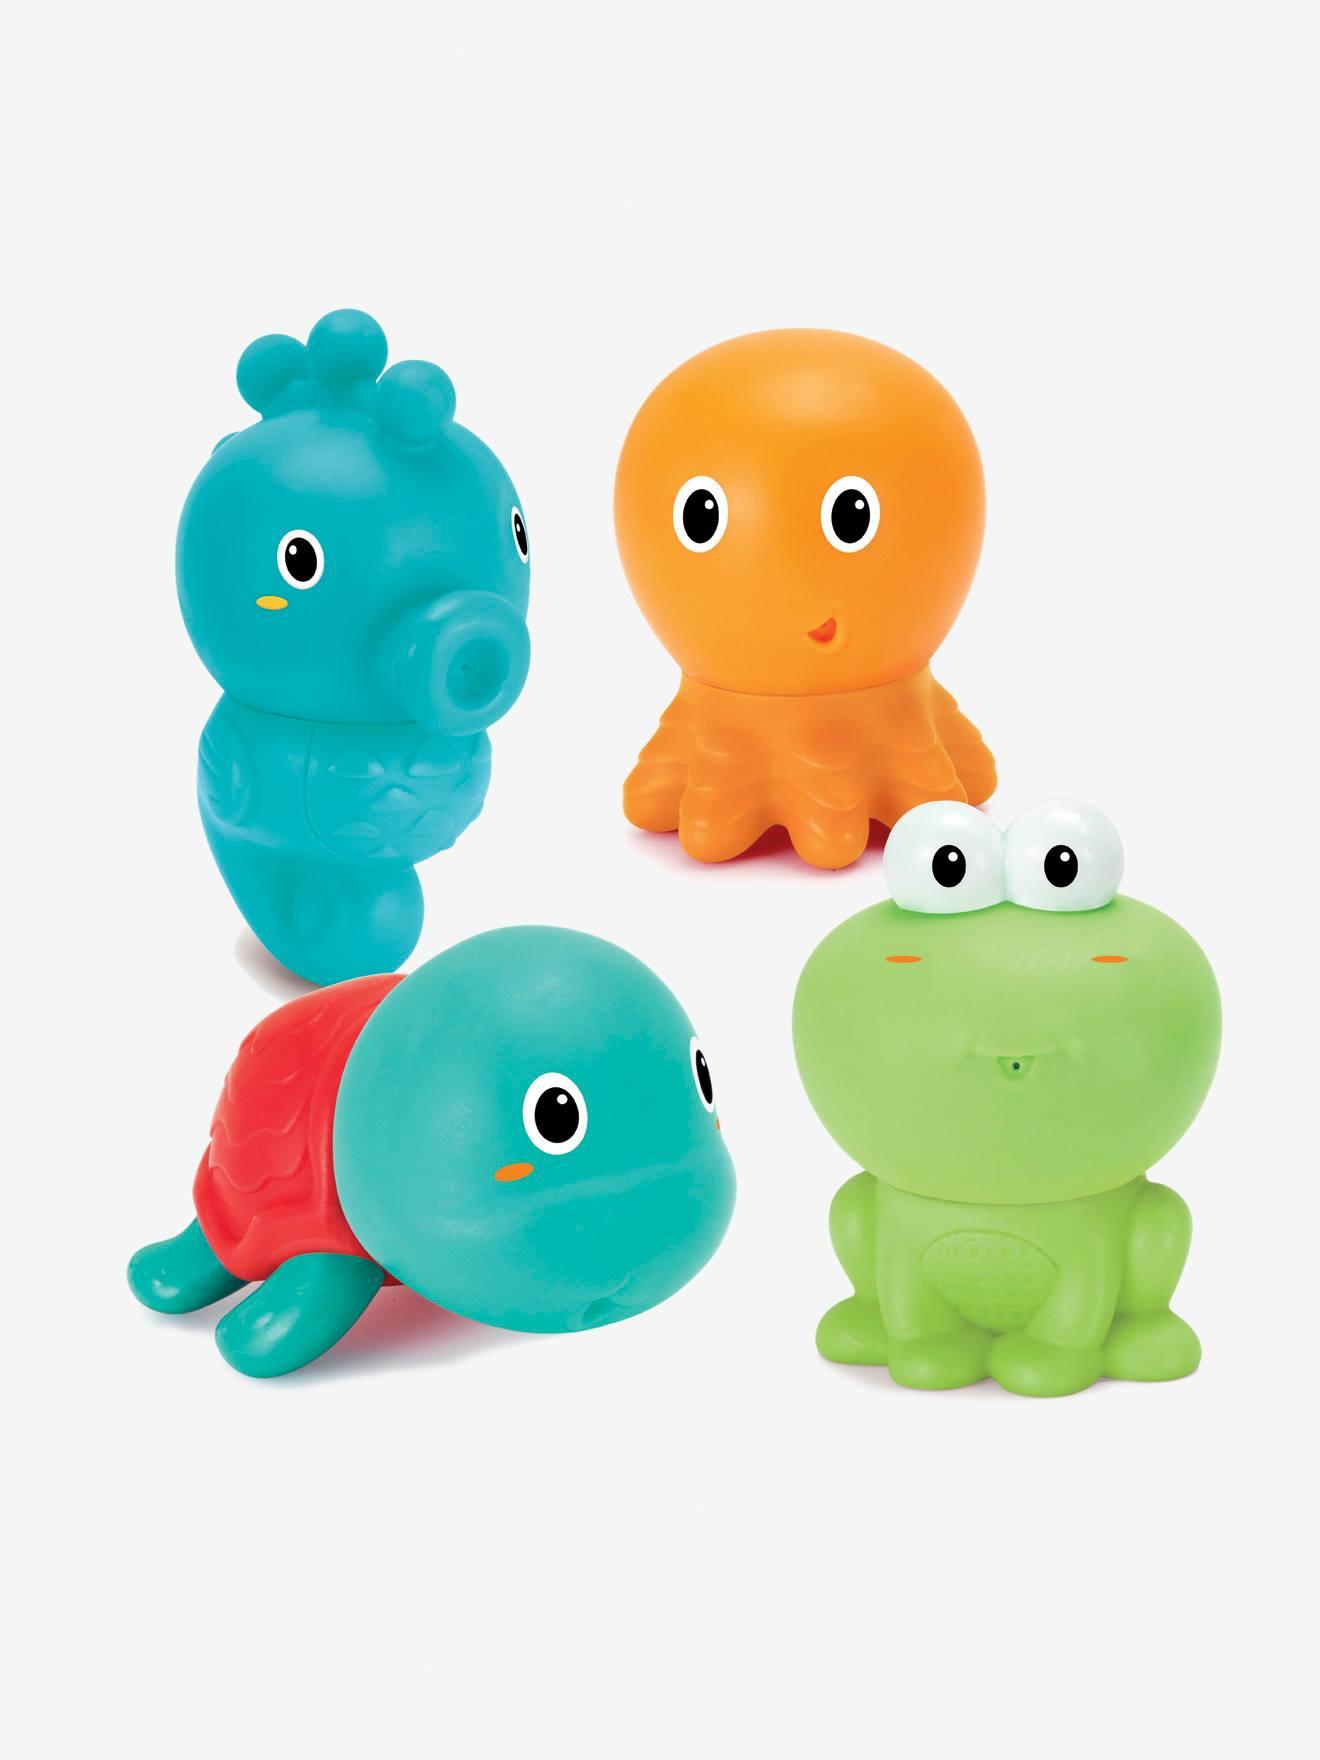 Infantino 4er-Set Kinder Spritzfiguren INFANTINO®